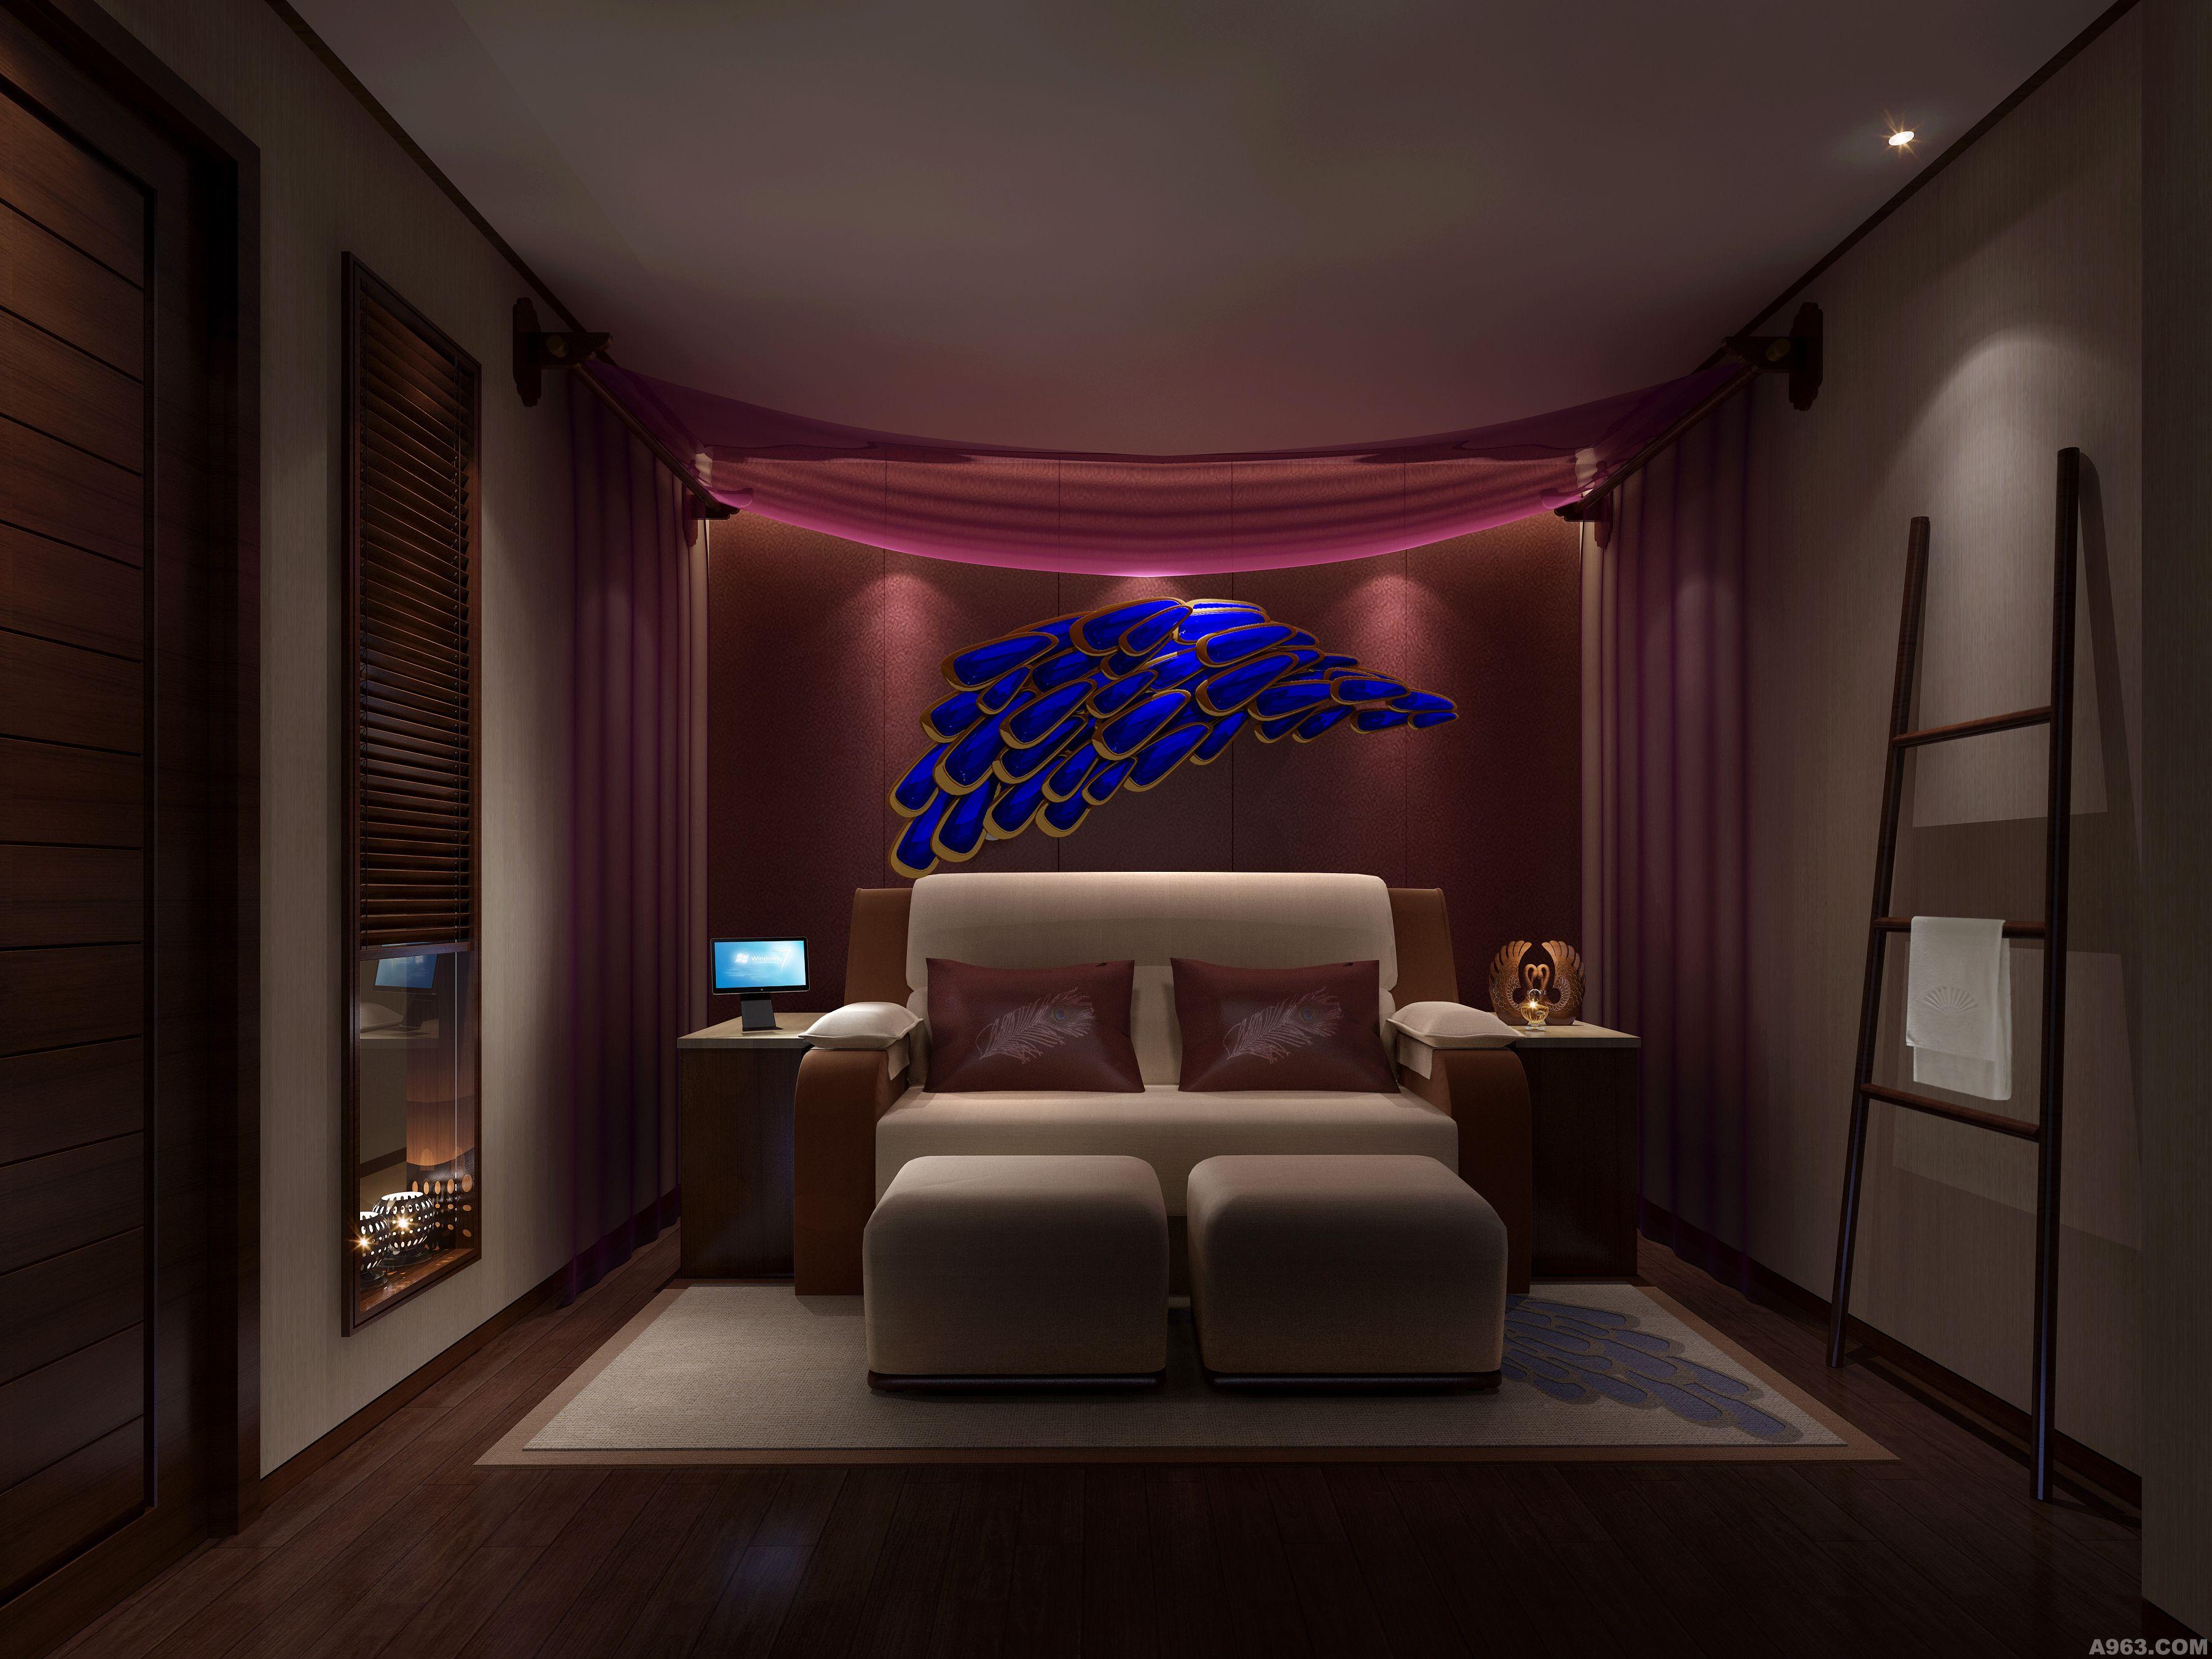 欧式田园风格底跃--重庆室内设计师涂华梅 - 家装设计